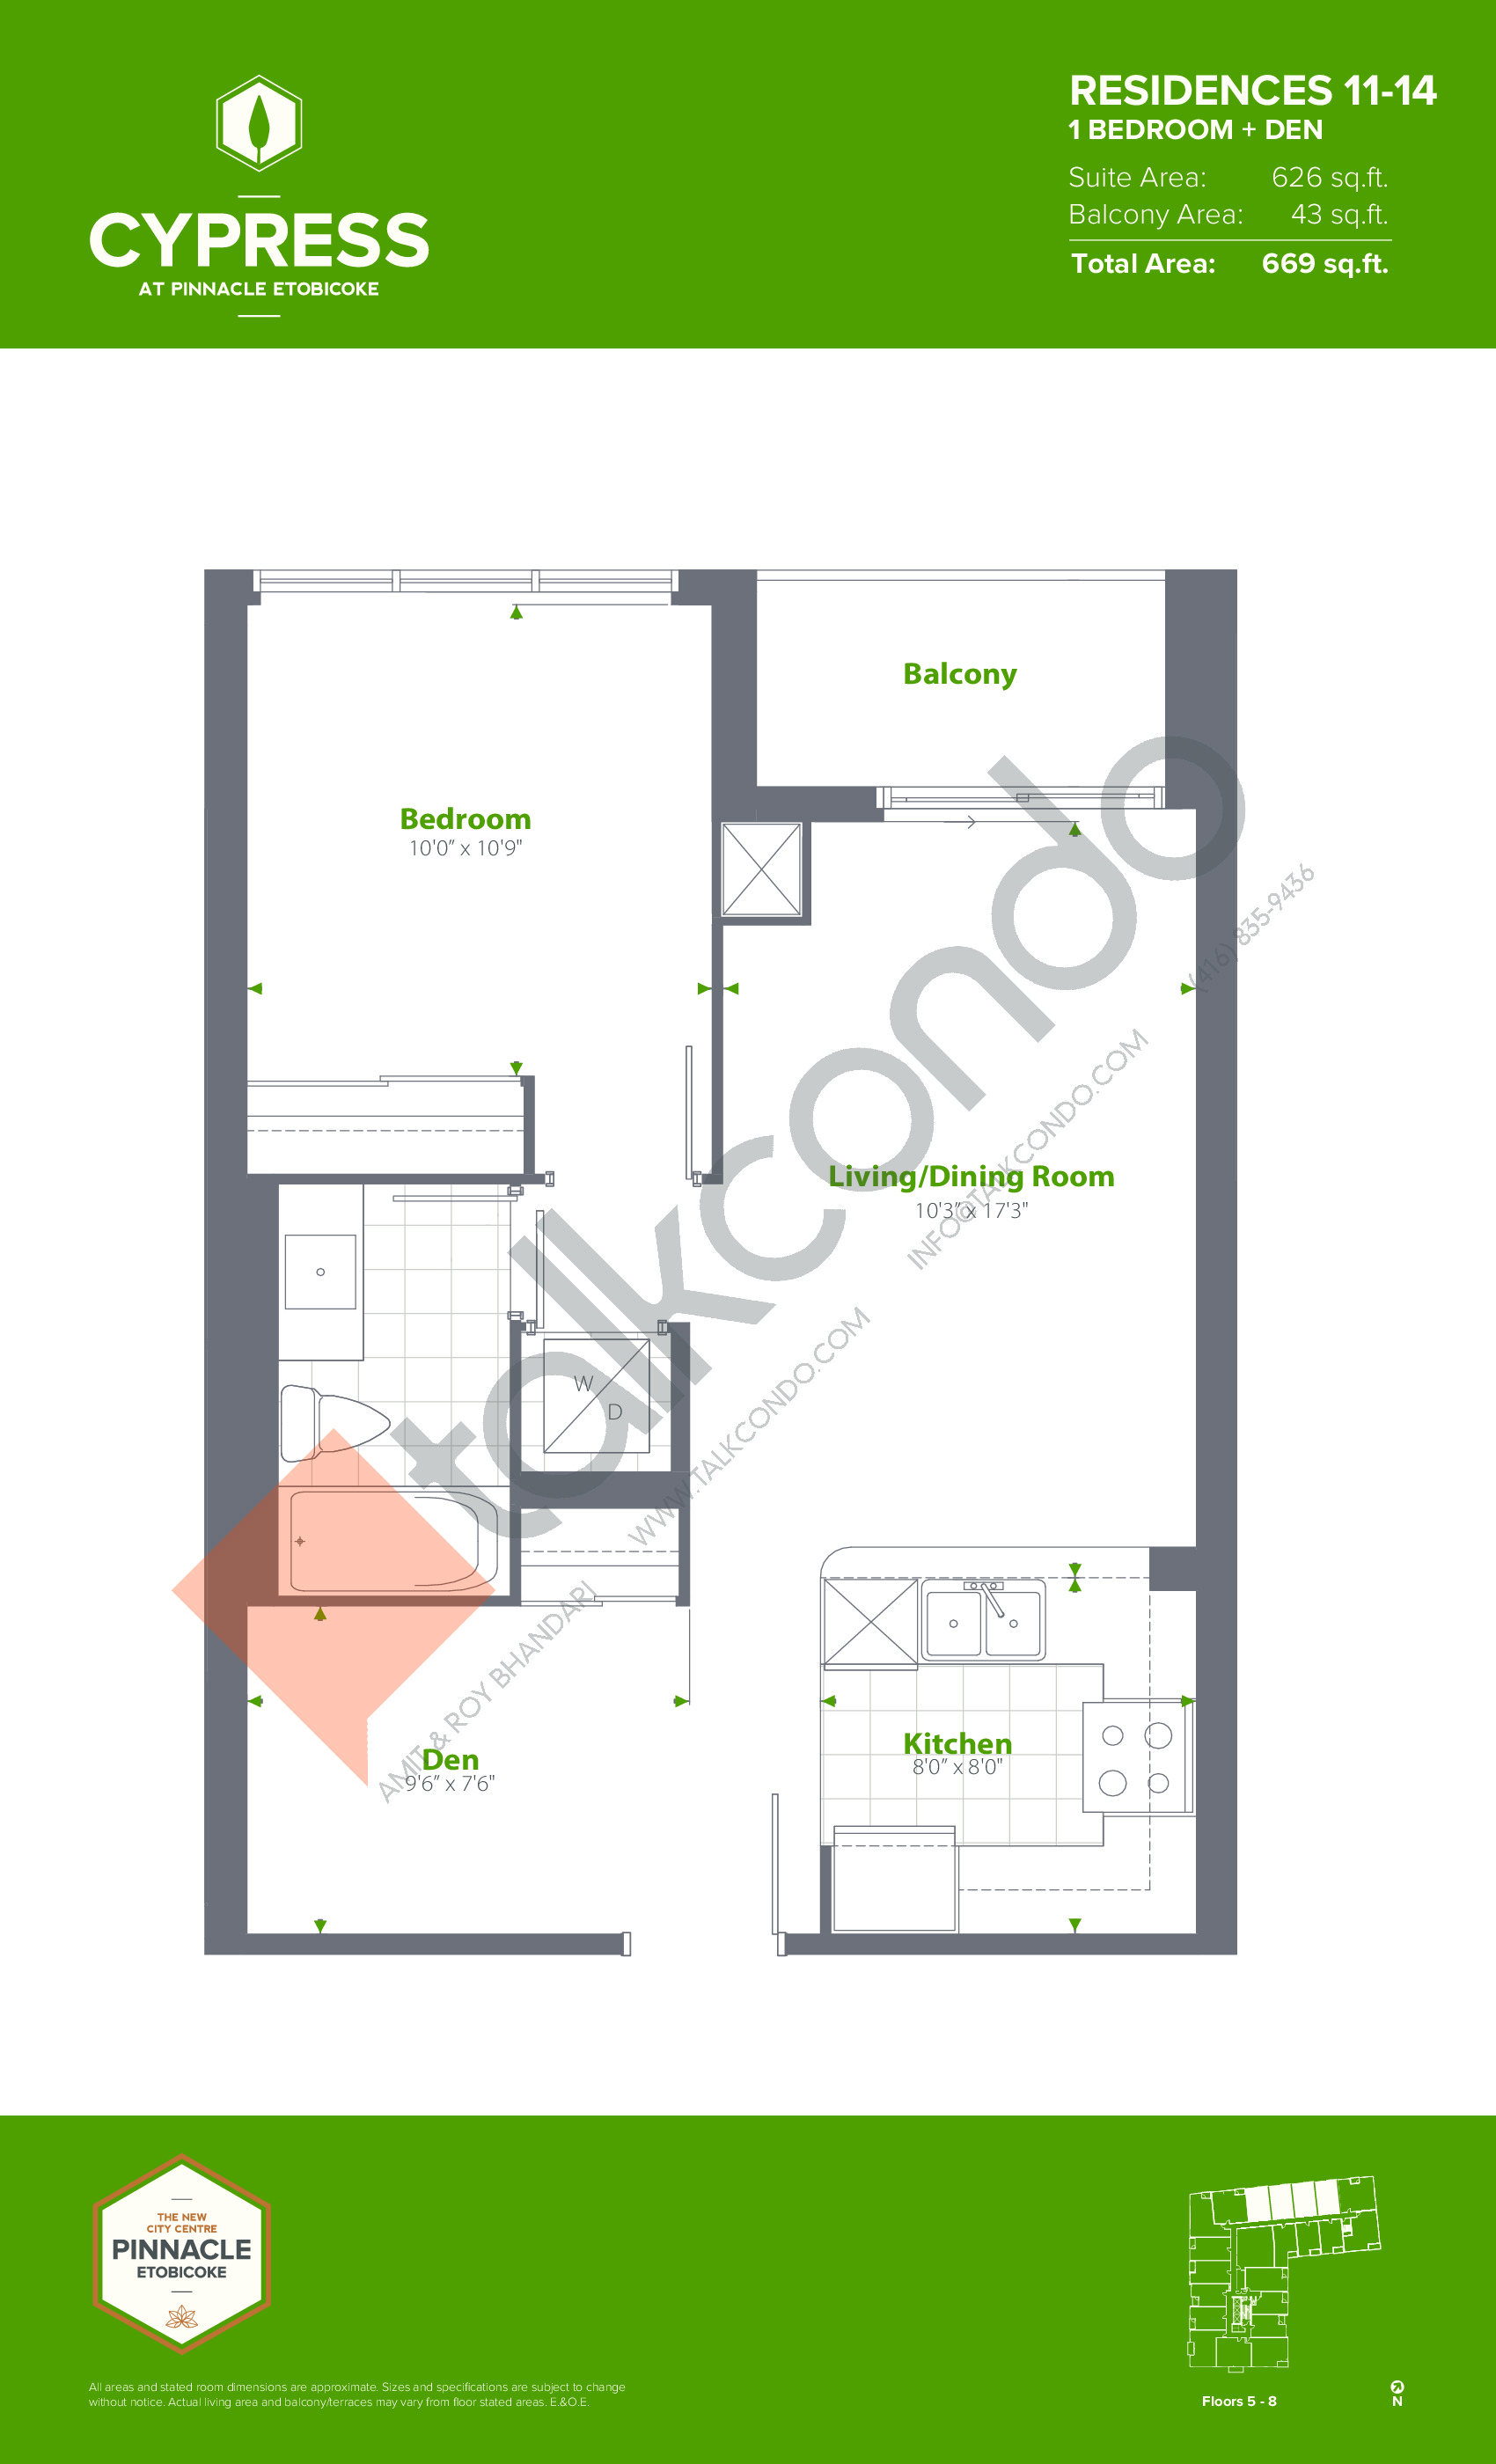 Residences 11-14 (Podium) Floor Plan at Cypress at Pinnacle Etobicoke - 626 sq.ft